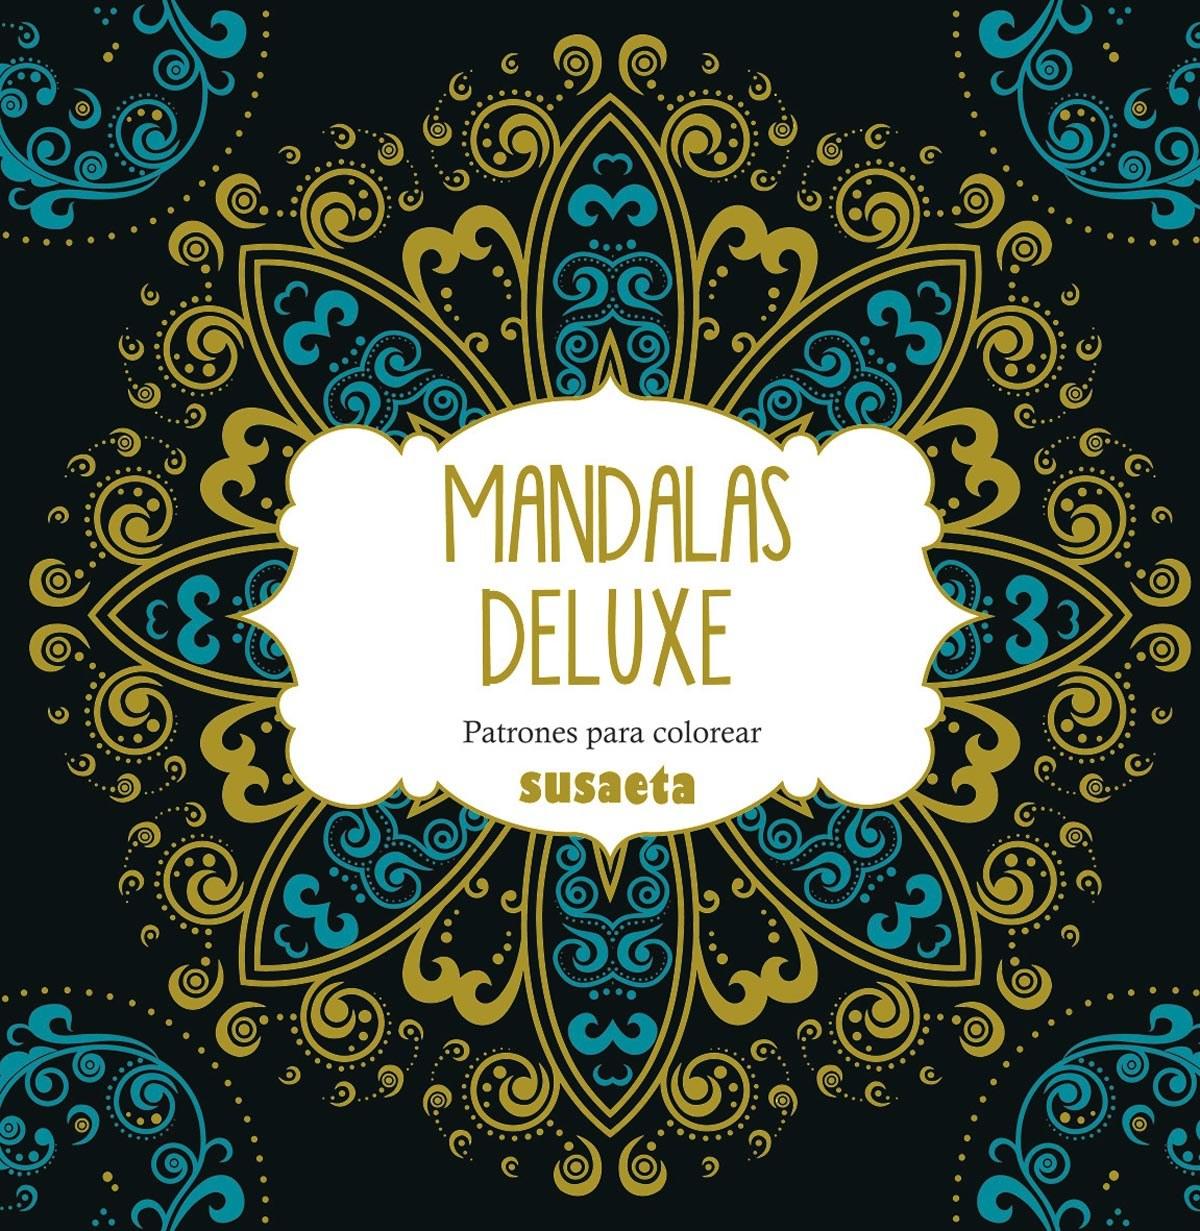 Mandalas deluxe 9788467747799